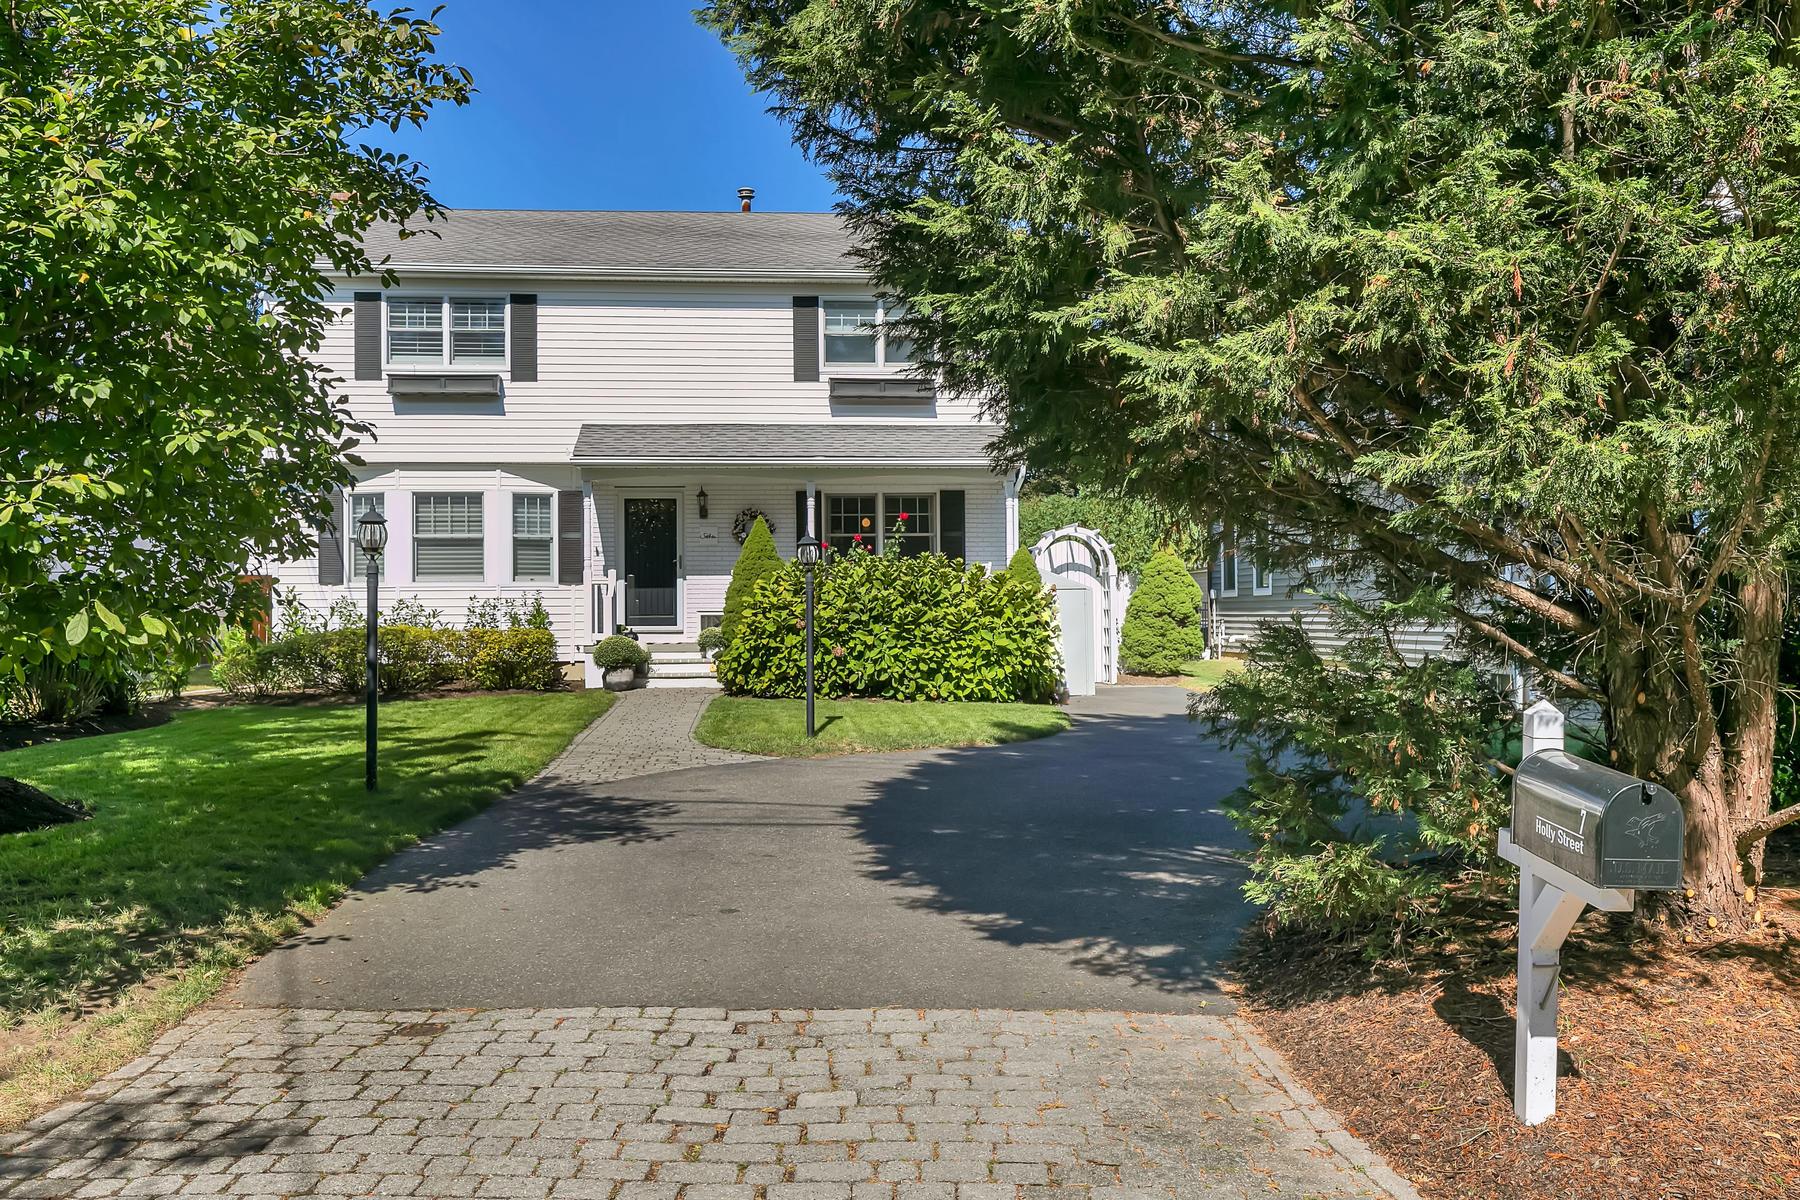 Single Family Homes für Verkauf beim Cool Modern Vibe with Chic Design 7 Holly Street, Rumson, New Jersey 07760 Vereinigte Staaten